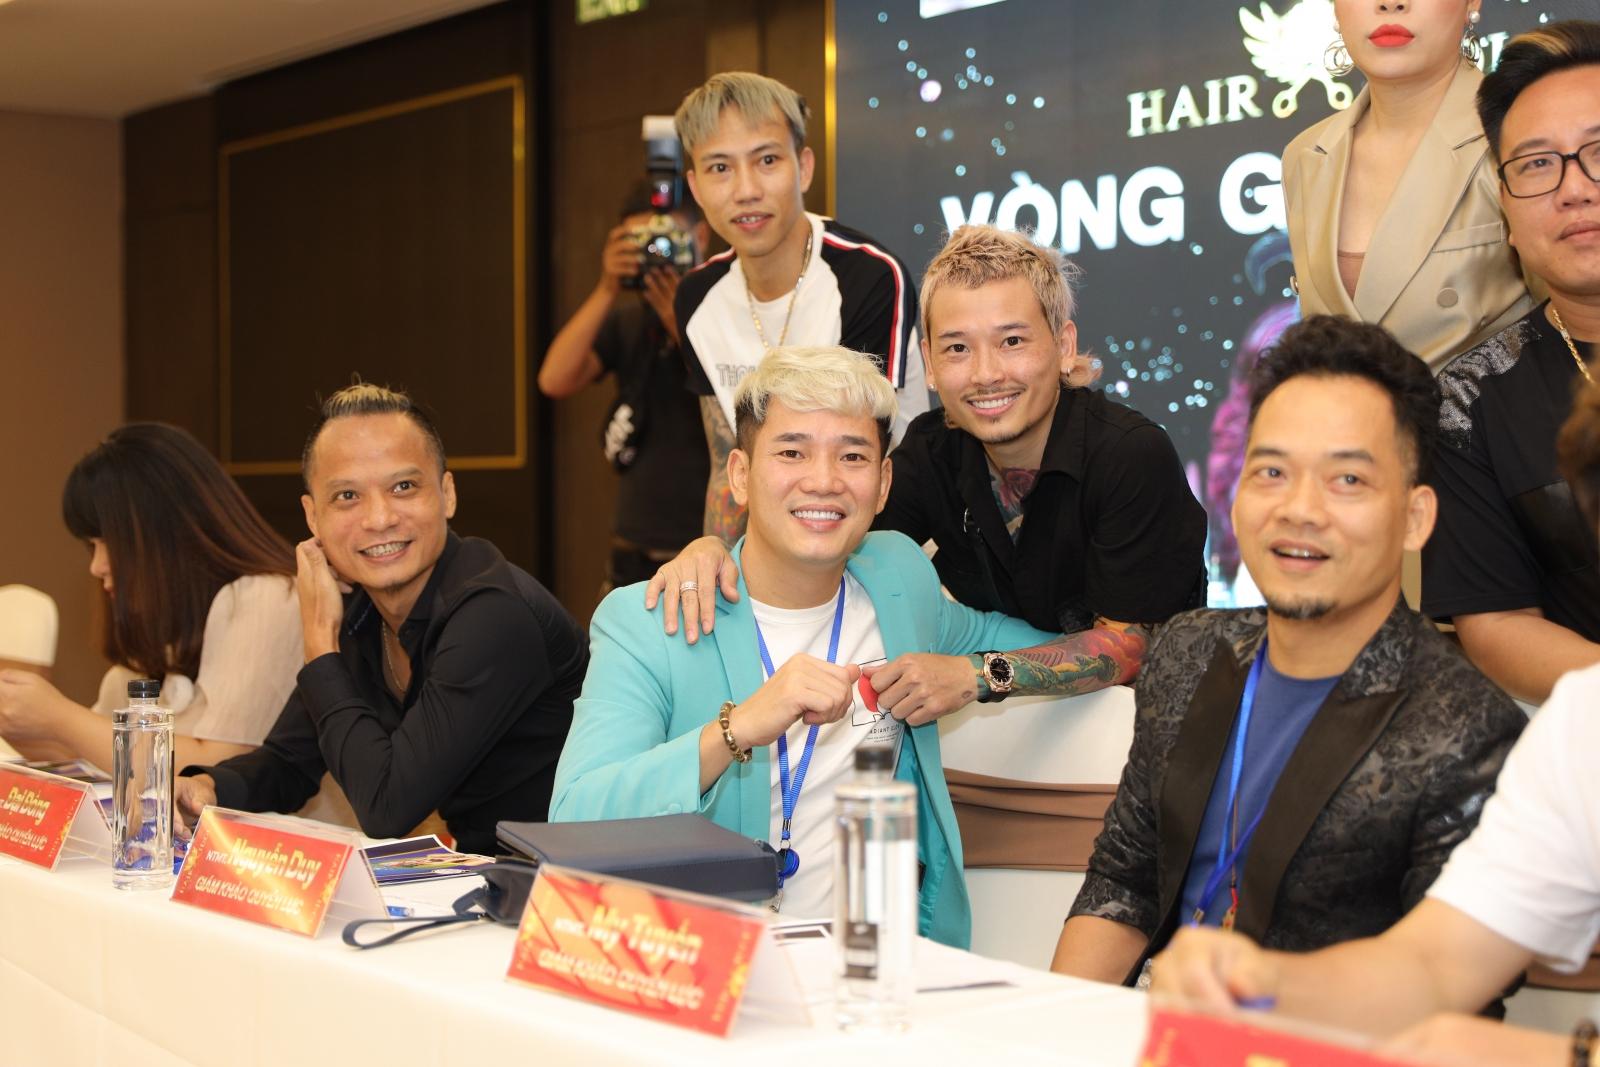 Các ngôi sao làng tóc Việt hội ngộ tại Hair Idol 2020 - vòng Giấu Mặt